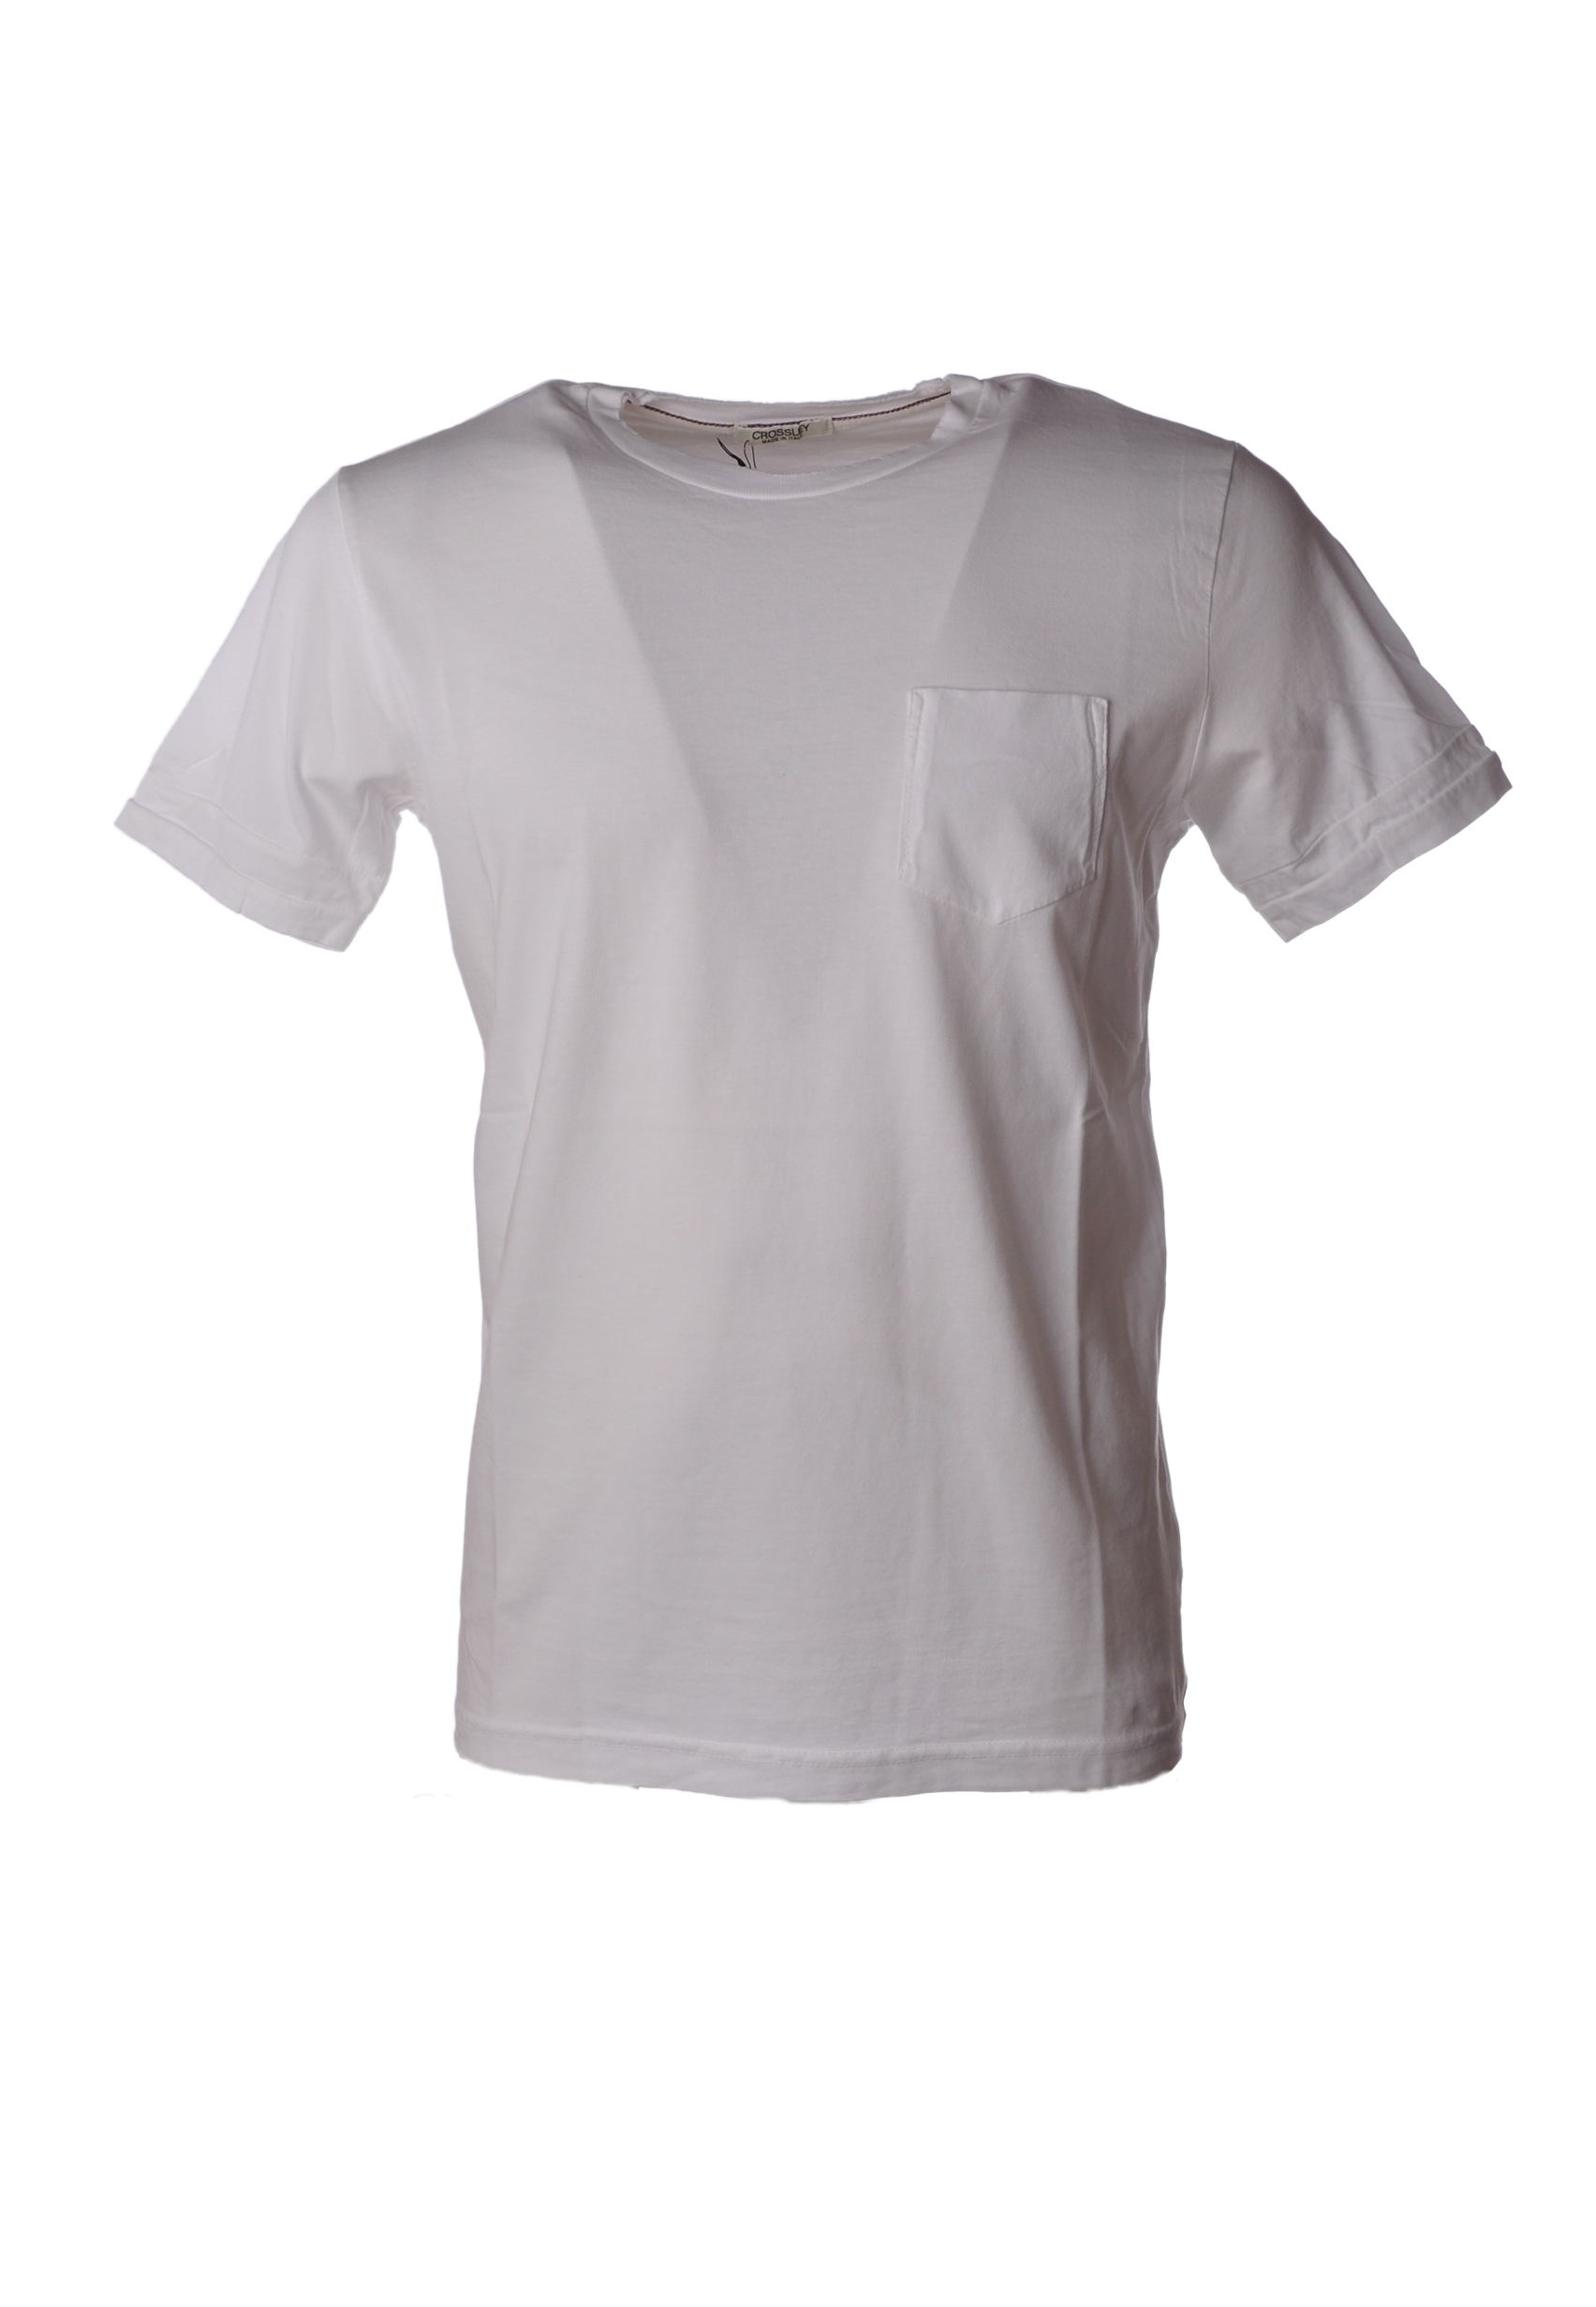 CROSSLEY - Topwear-T-hemds - Mann - Weiß - 5019529L184059